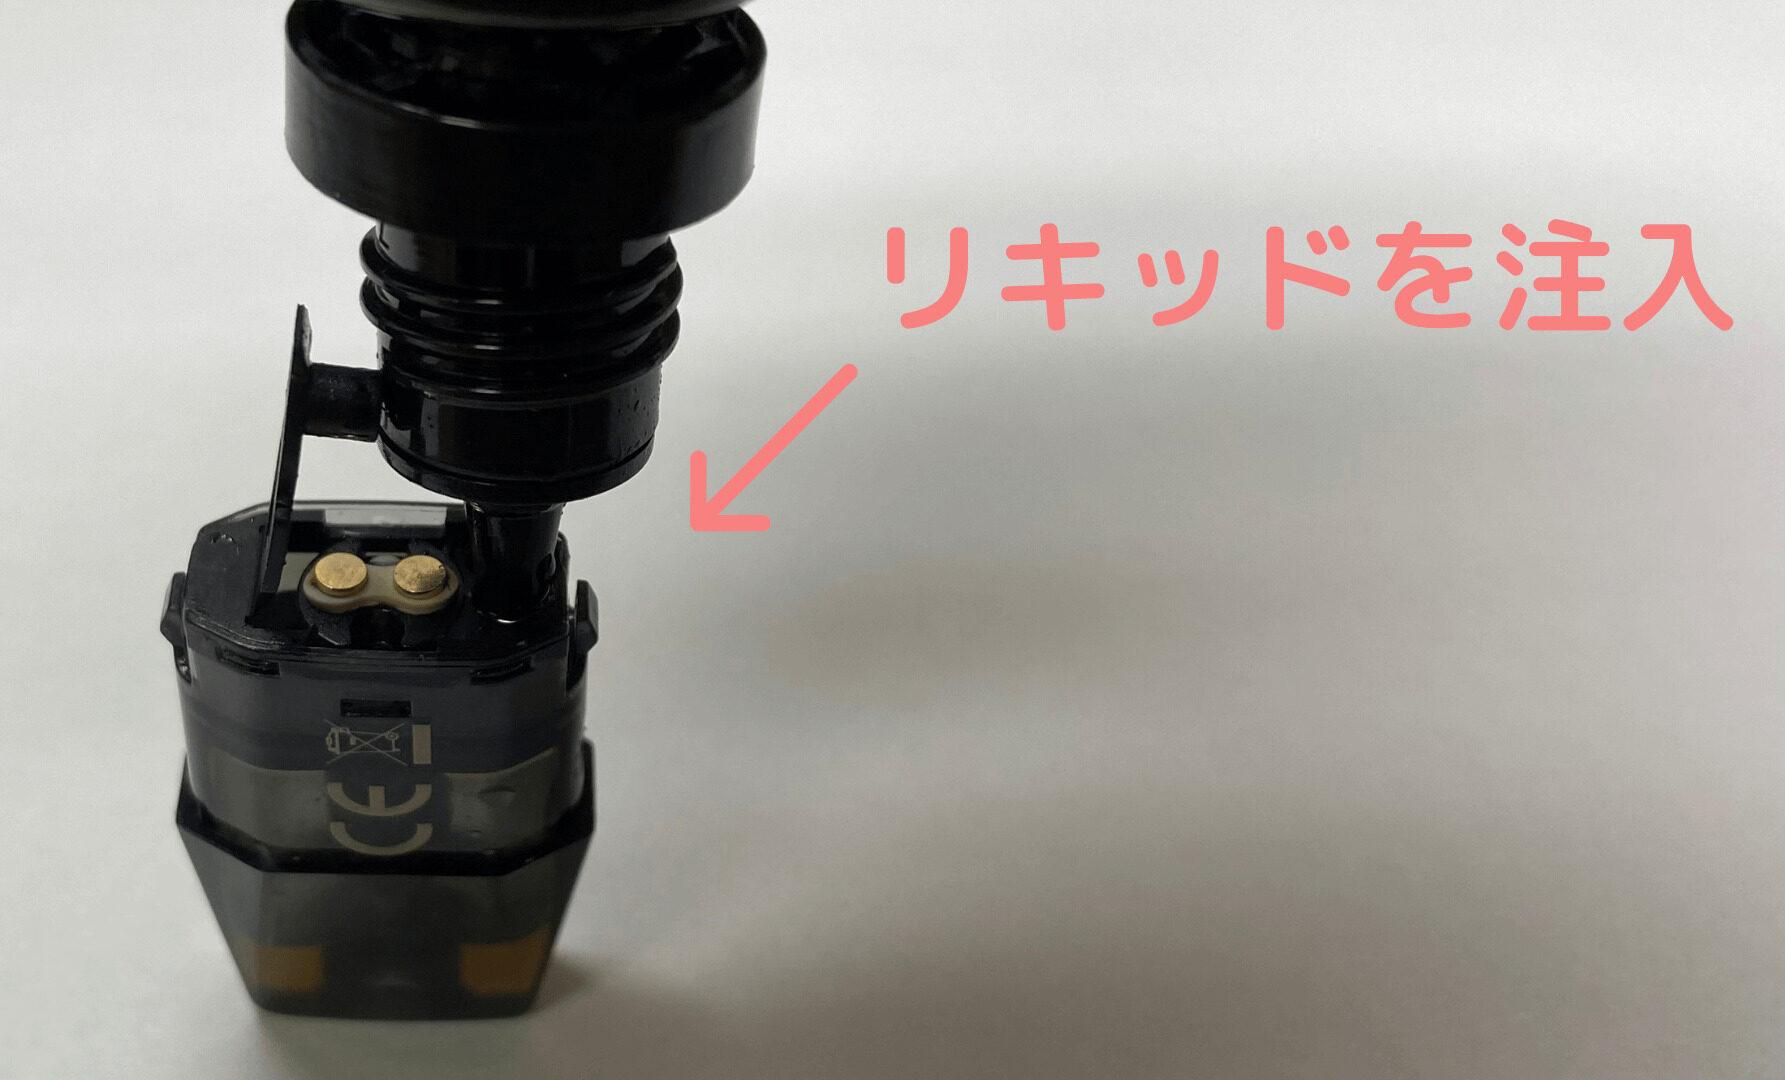 ZQ Xtal Podの使い方①:リキッドを注入